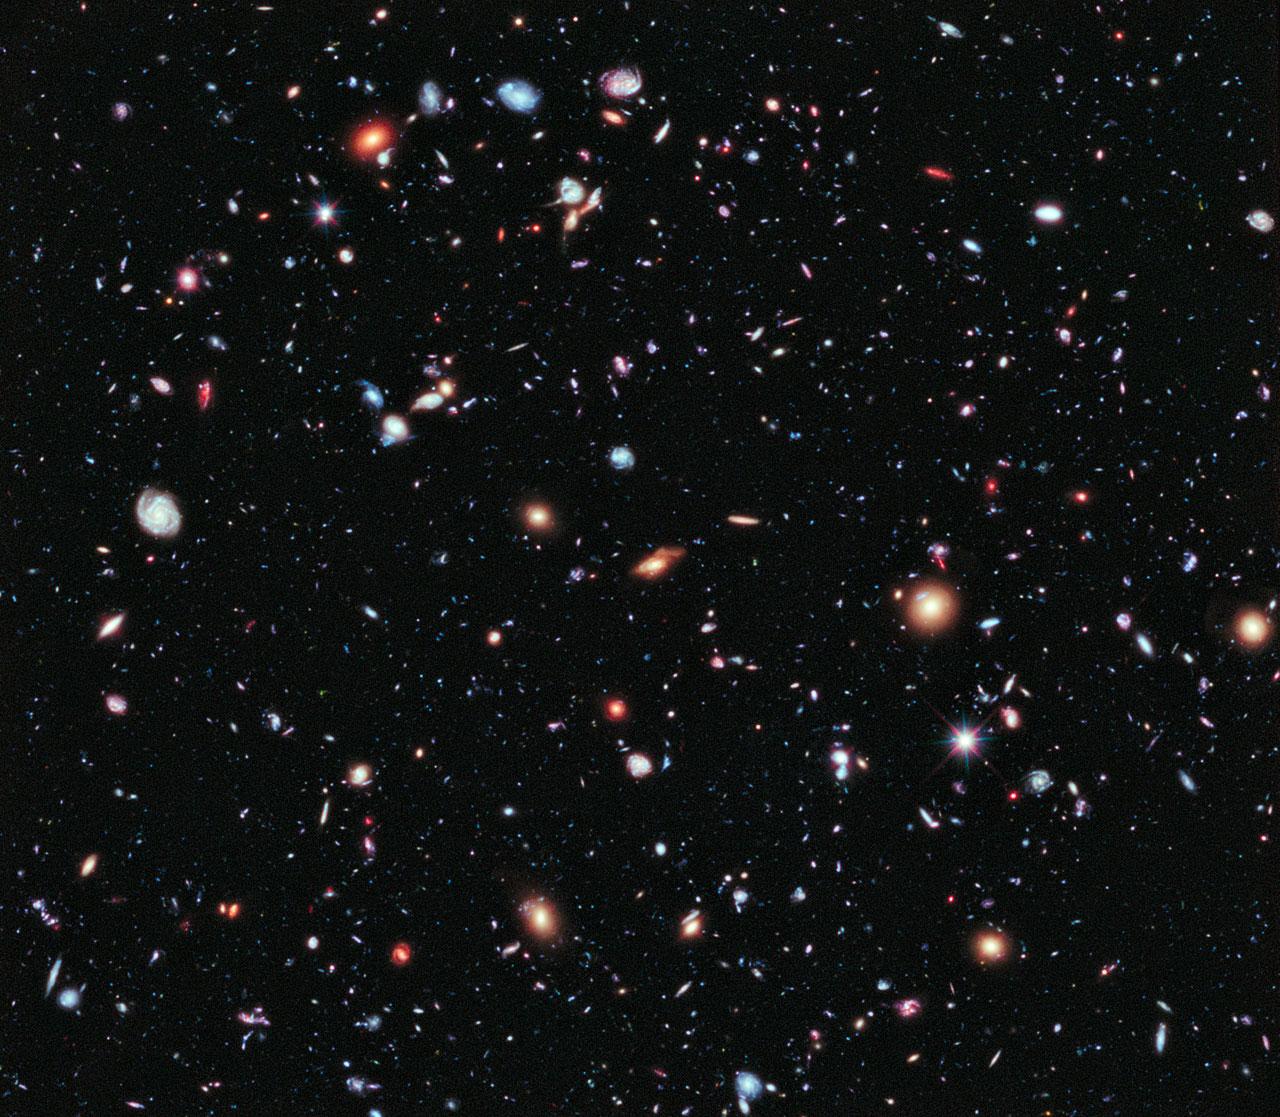 Космический телескоп Хаббл (статья плюс ролик) - 18